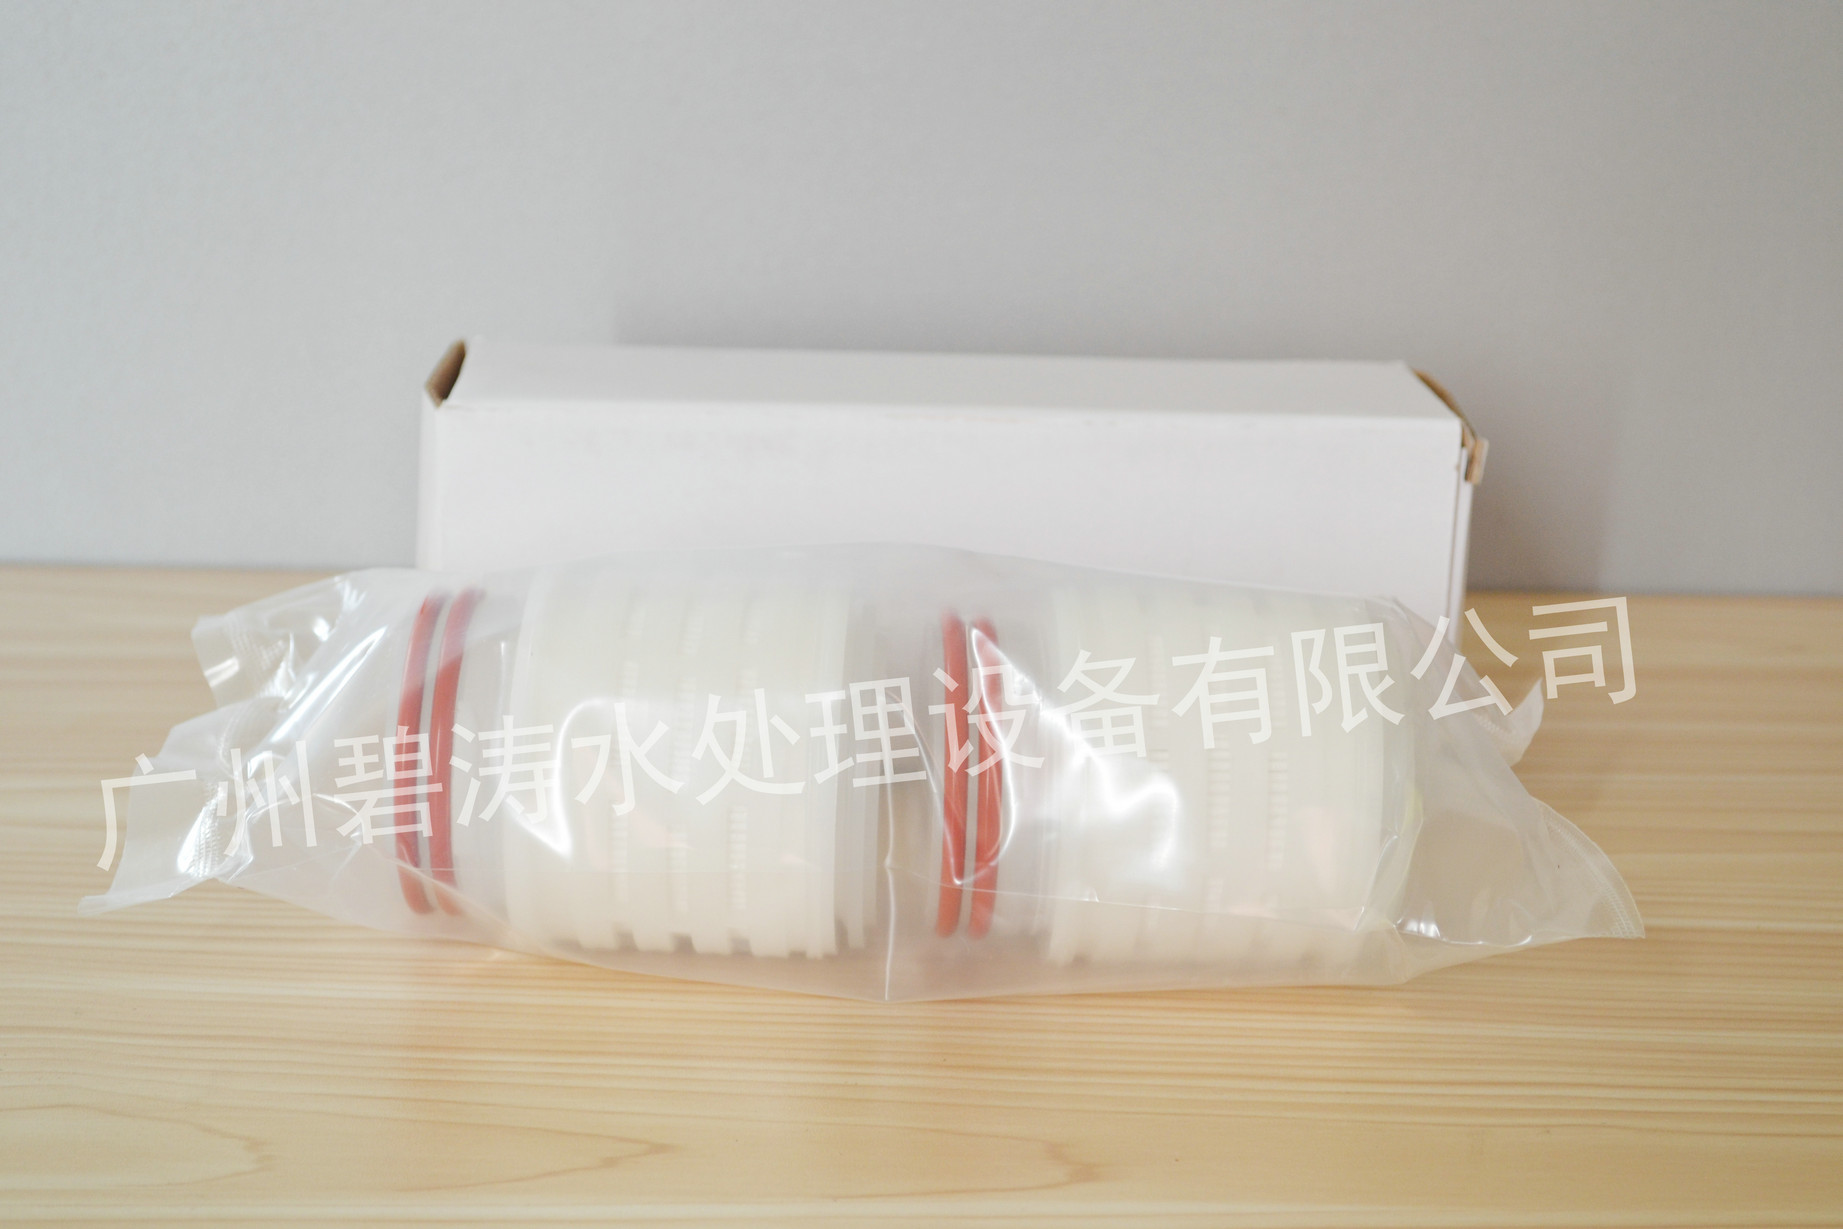 聚四氟乙烯空气除菌滤芯包装图